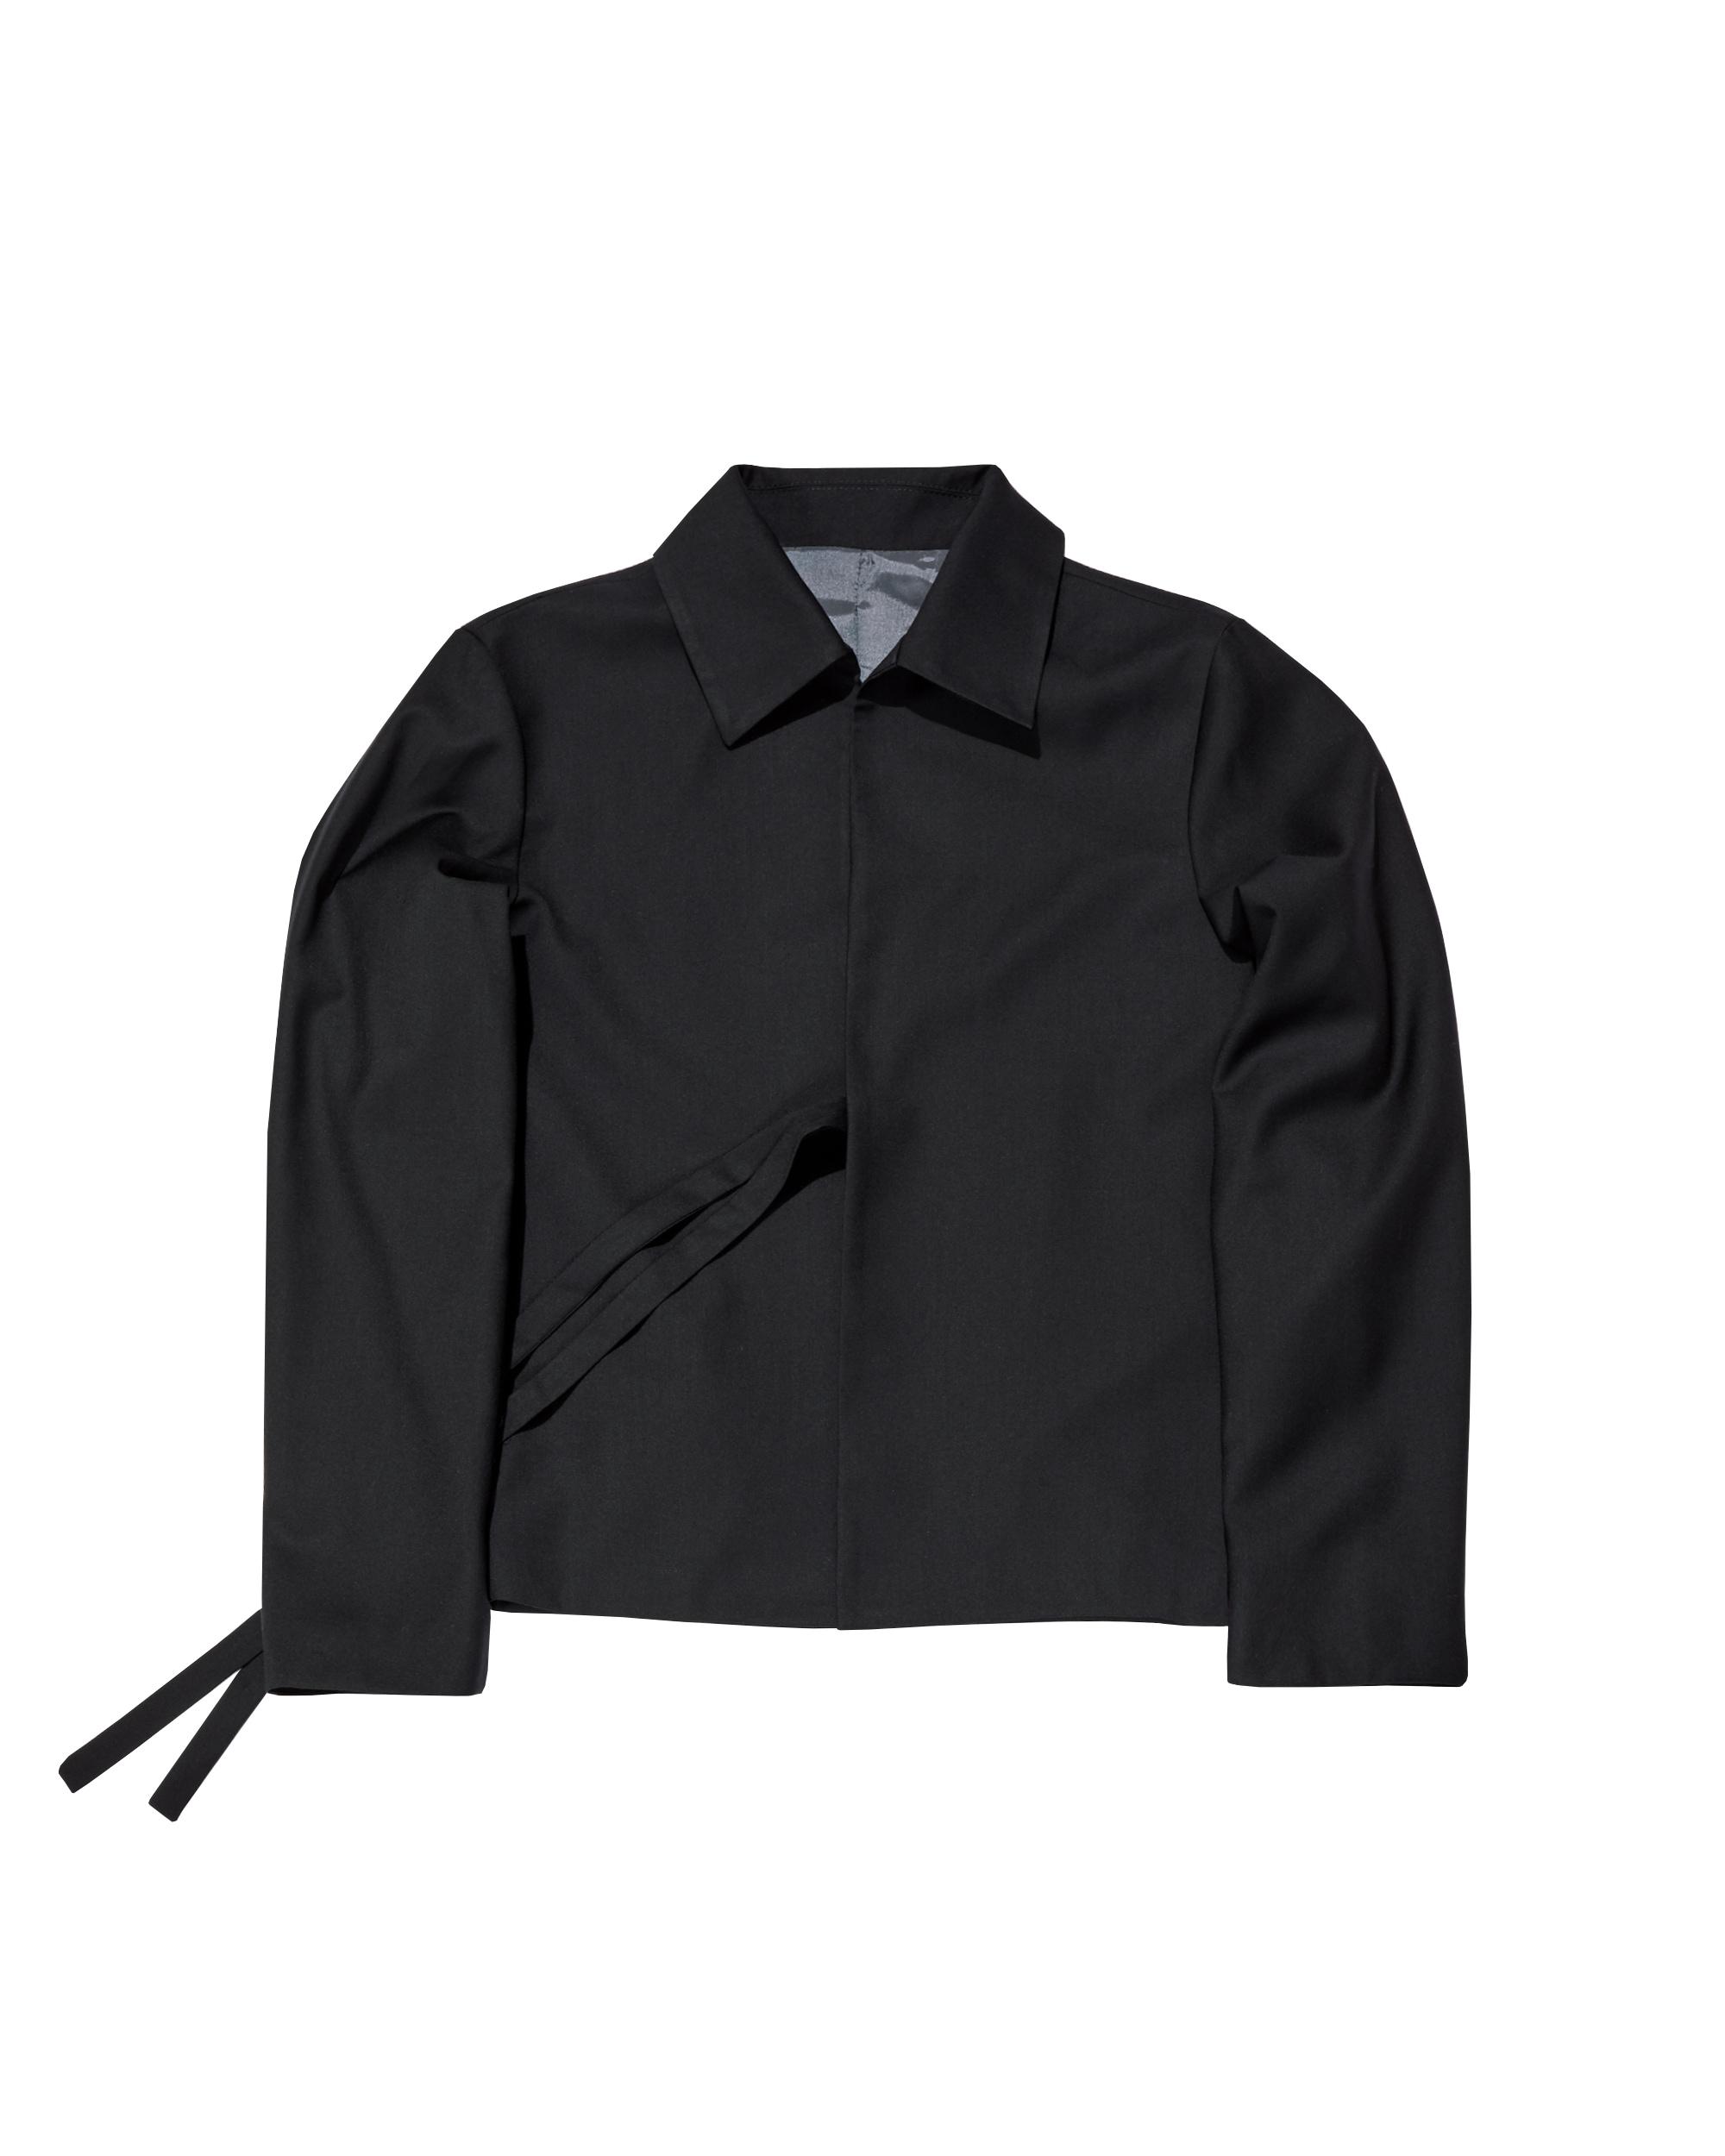 shop-blazer-black-one-dna.jpg